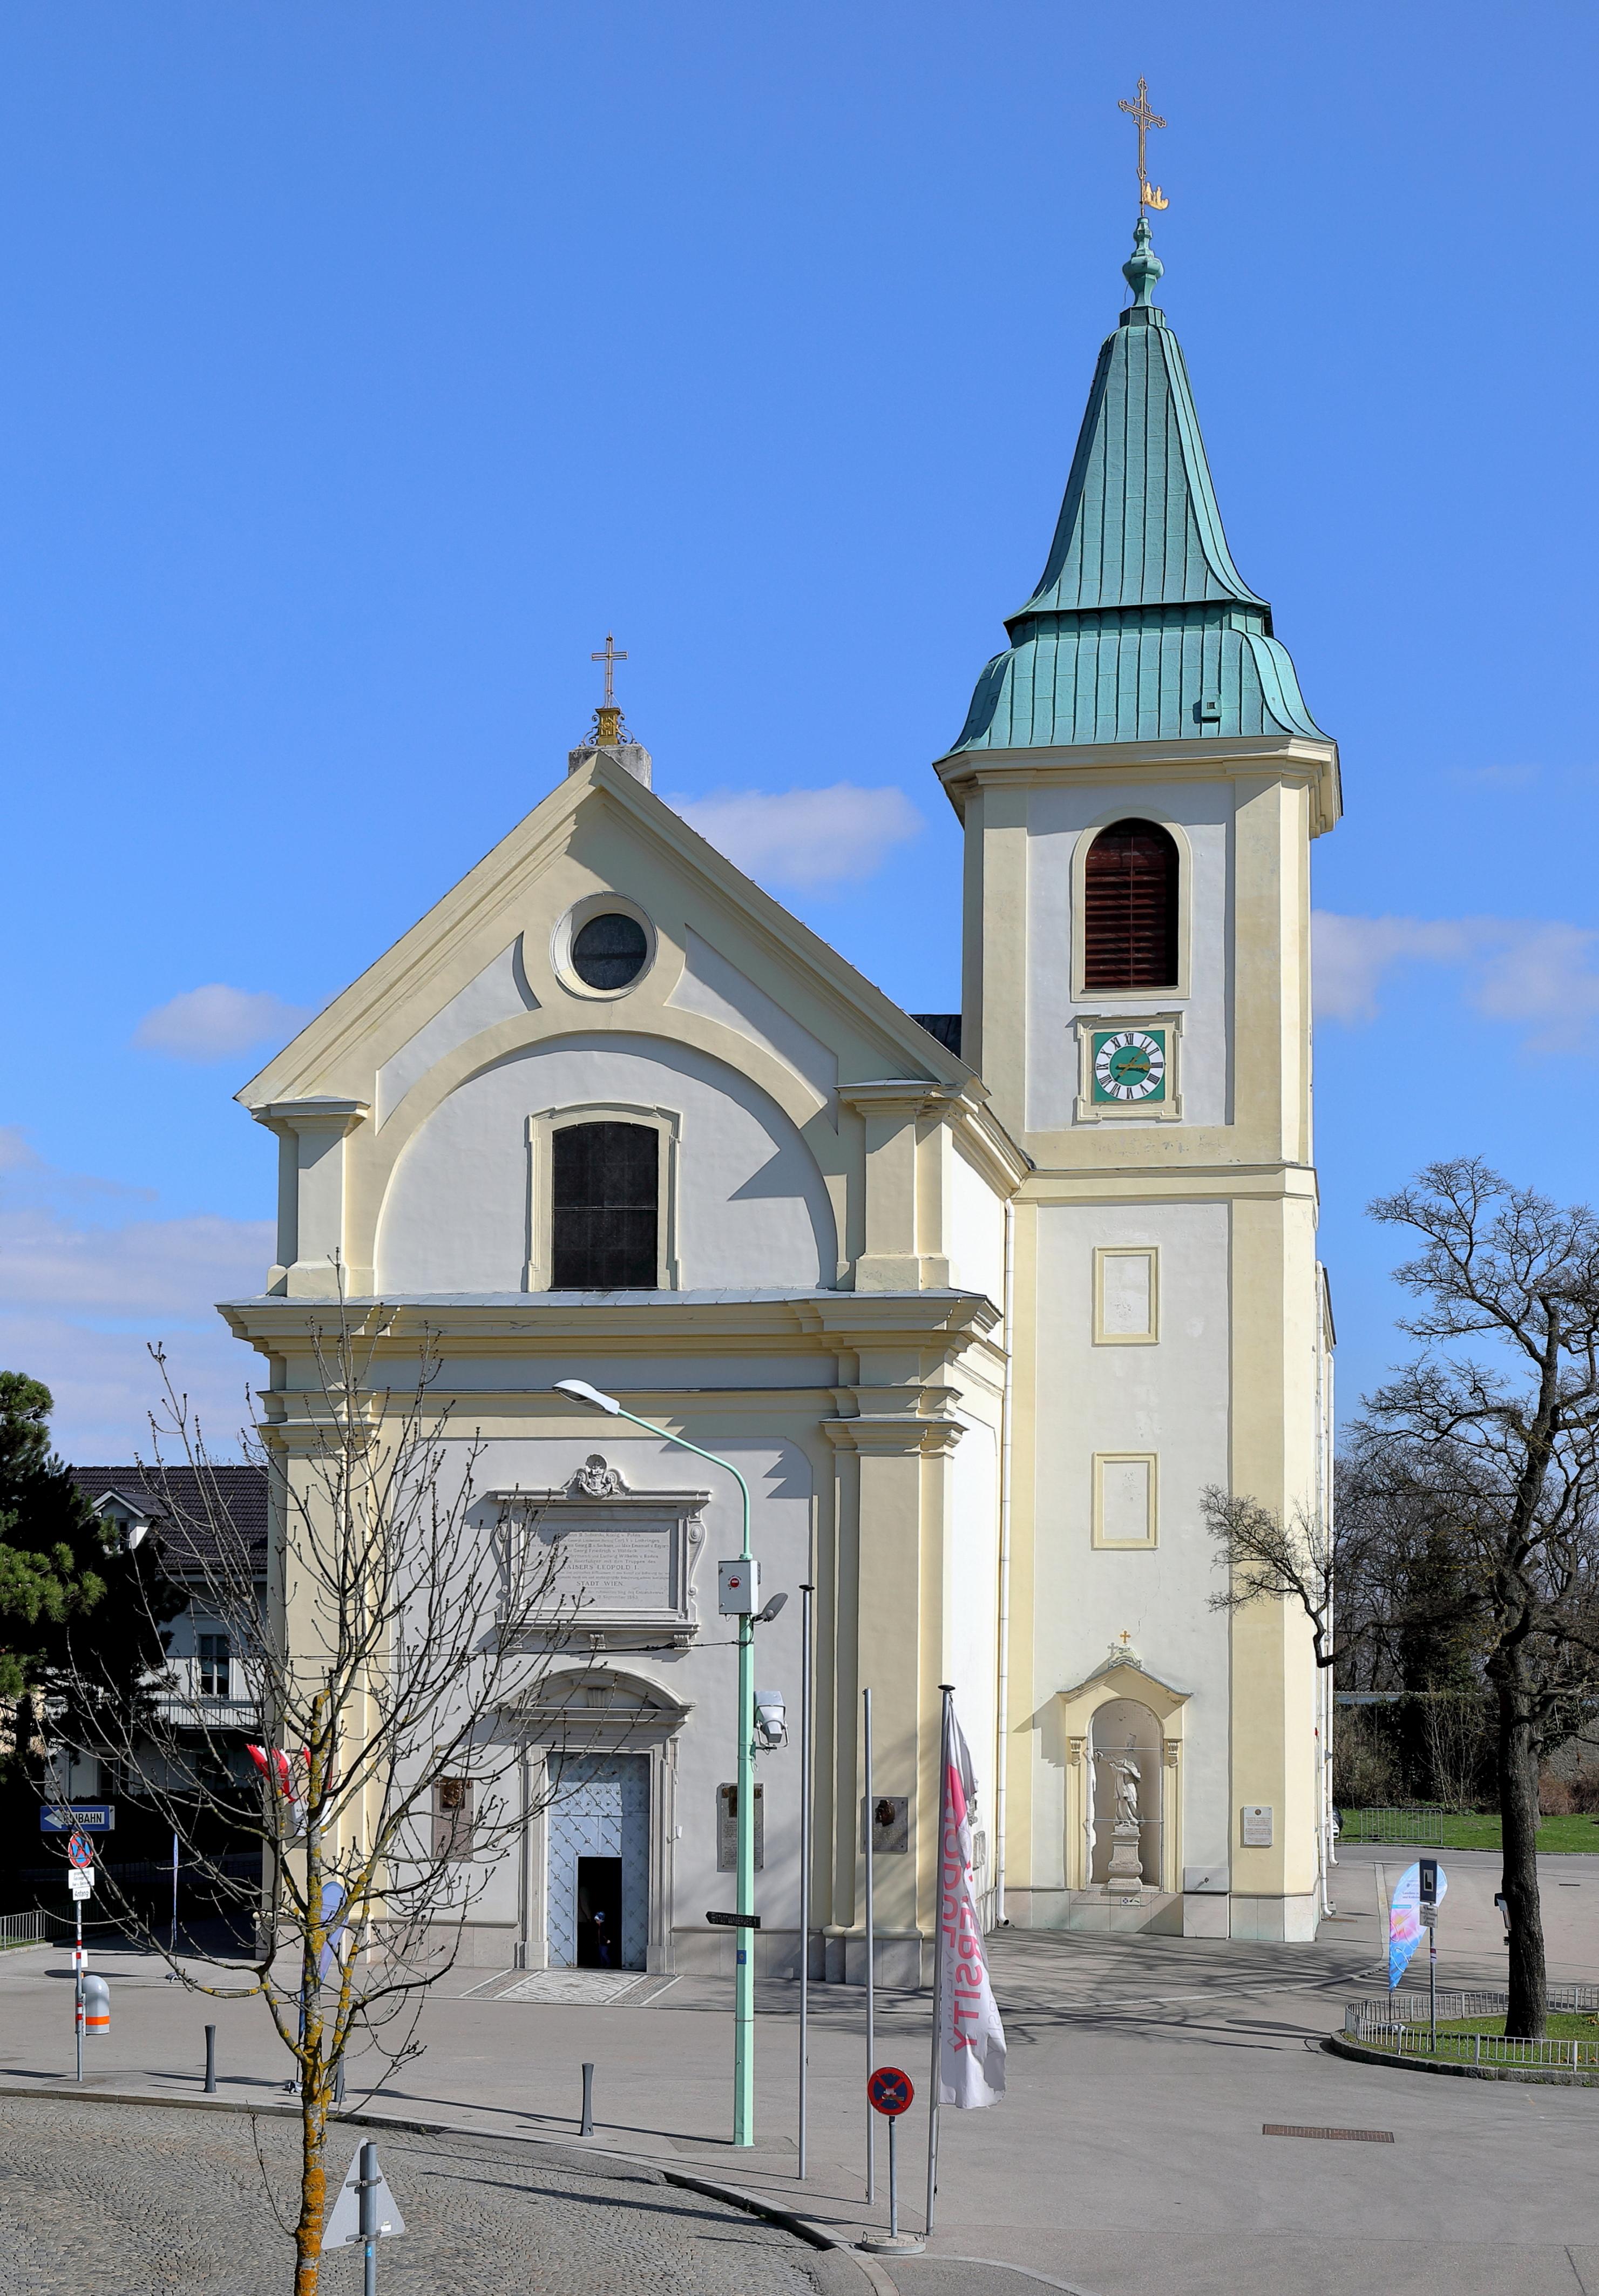 Filekahlenberg Wien Kirche 1jpg Wikimedia Commons